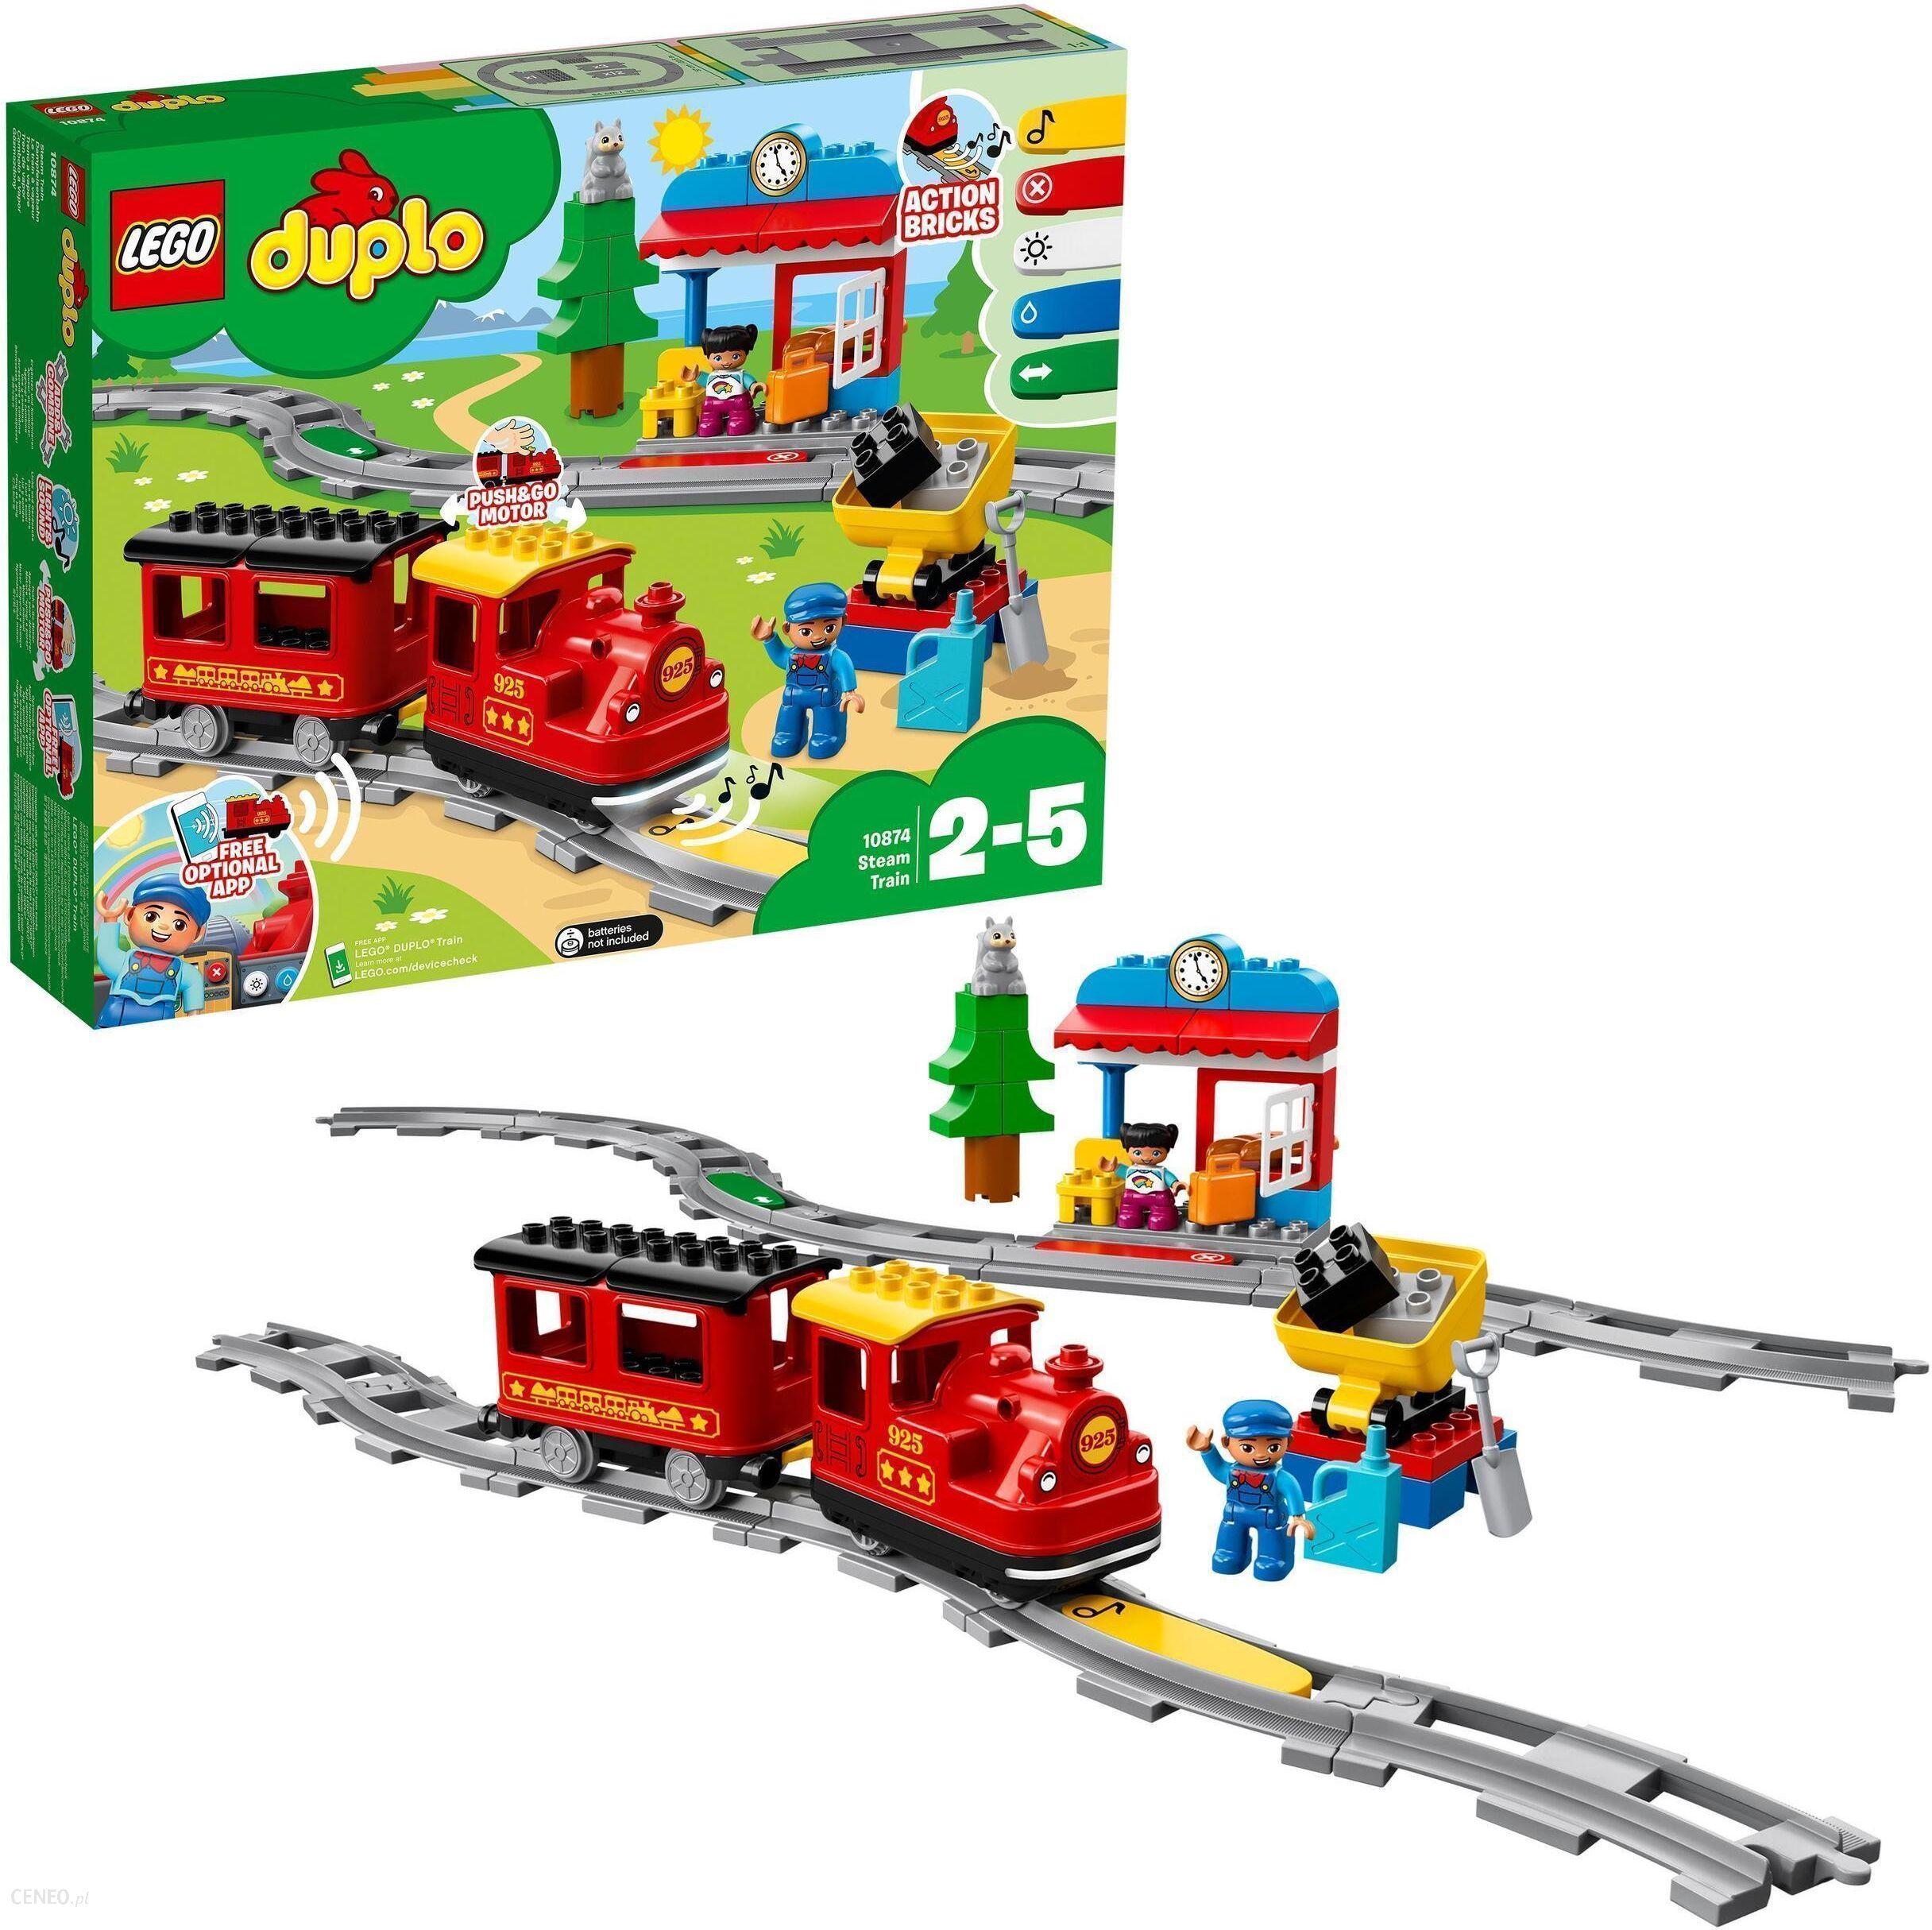 Klocki Lego Duplo Pociąg Parowy 10874 Ceny I Opinie Ceneopl